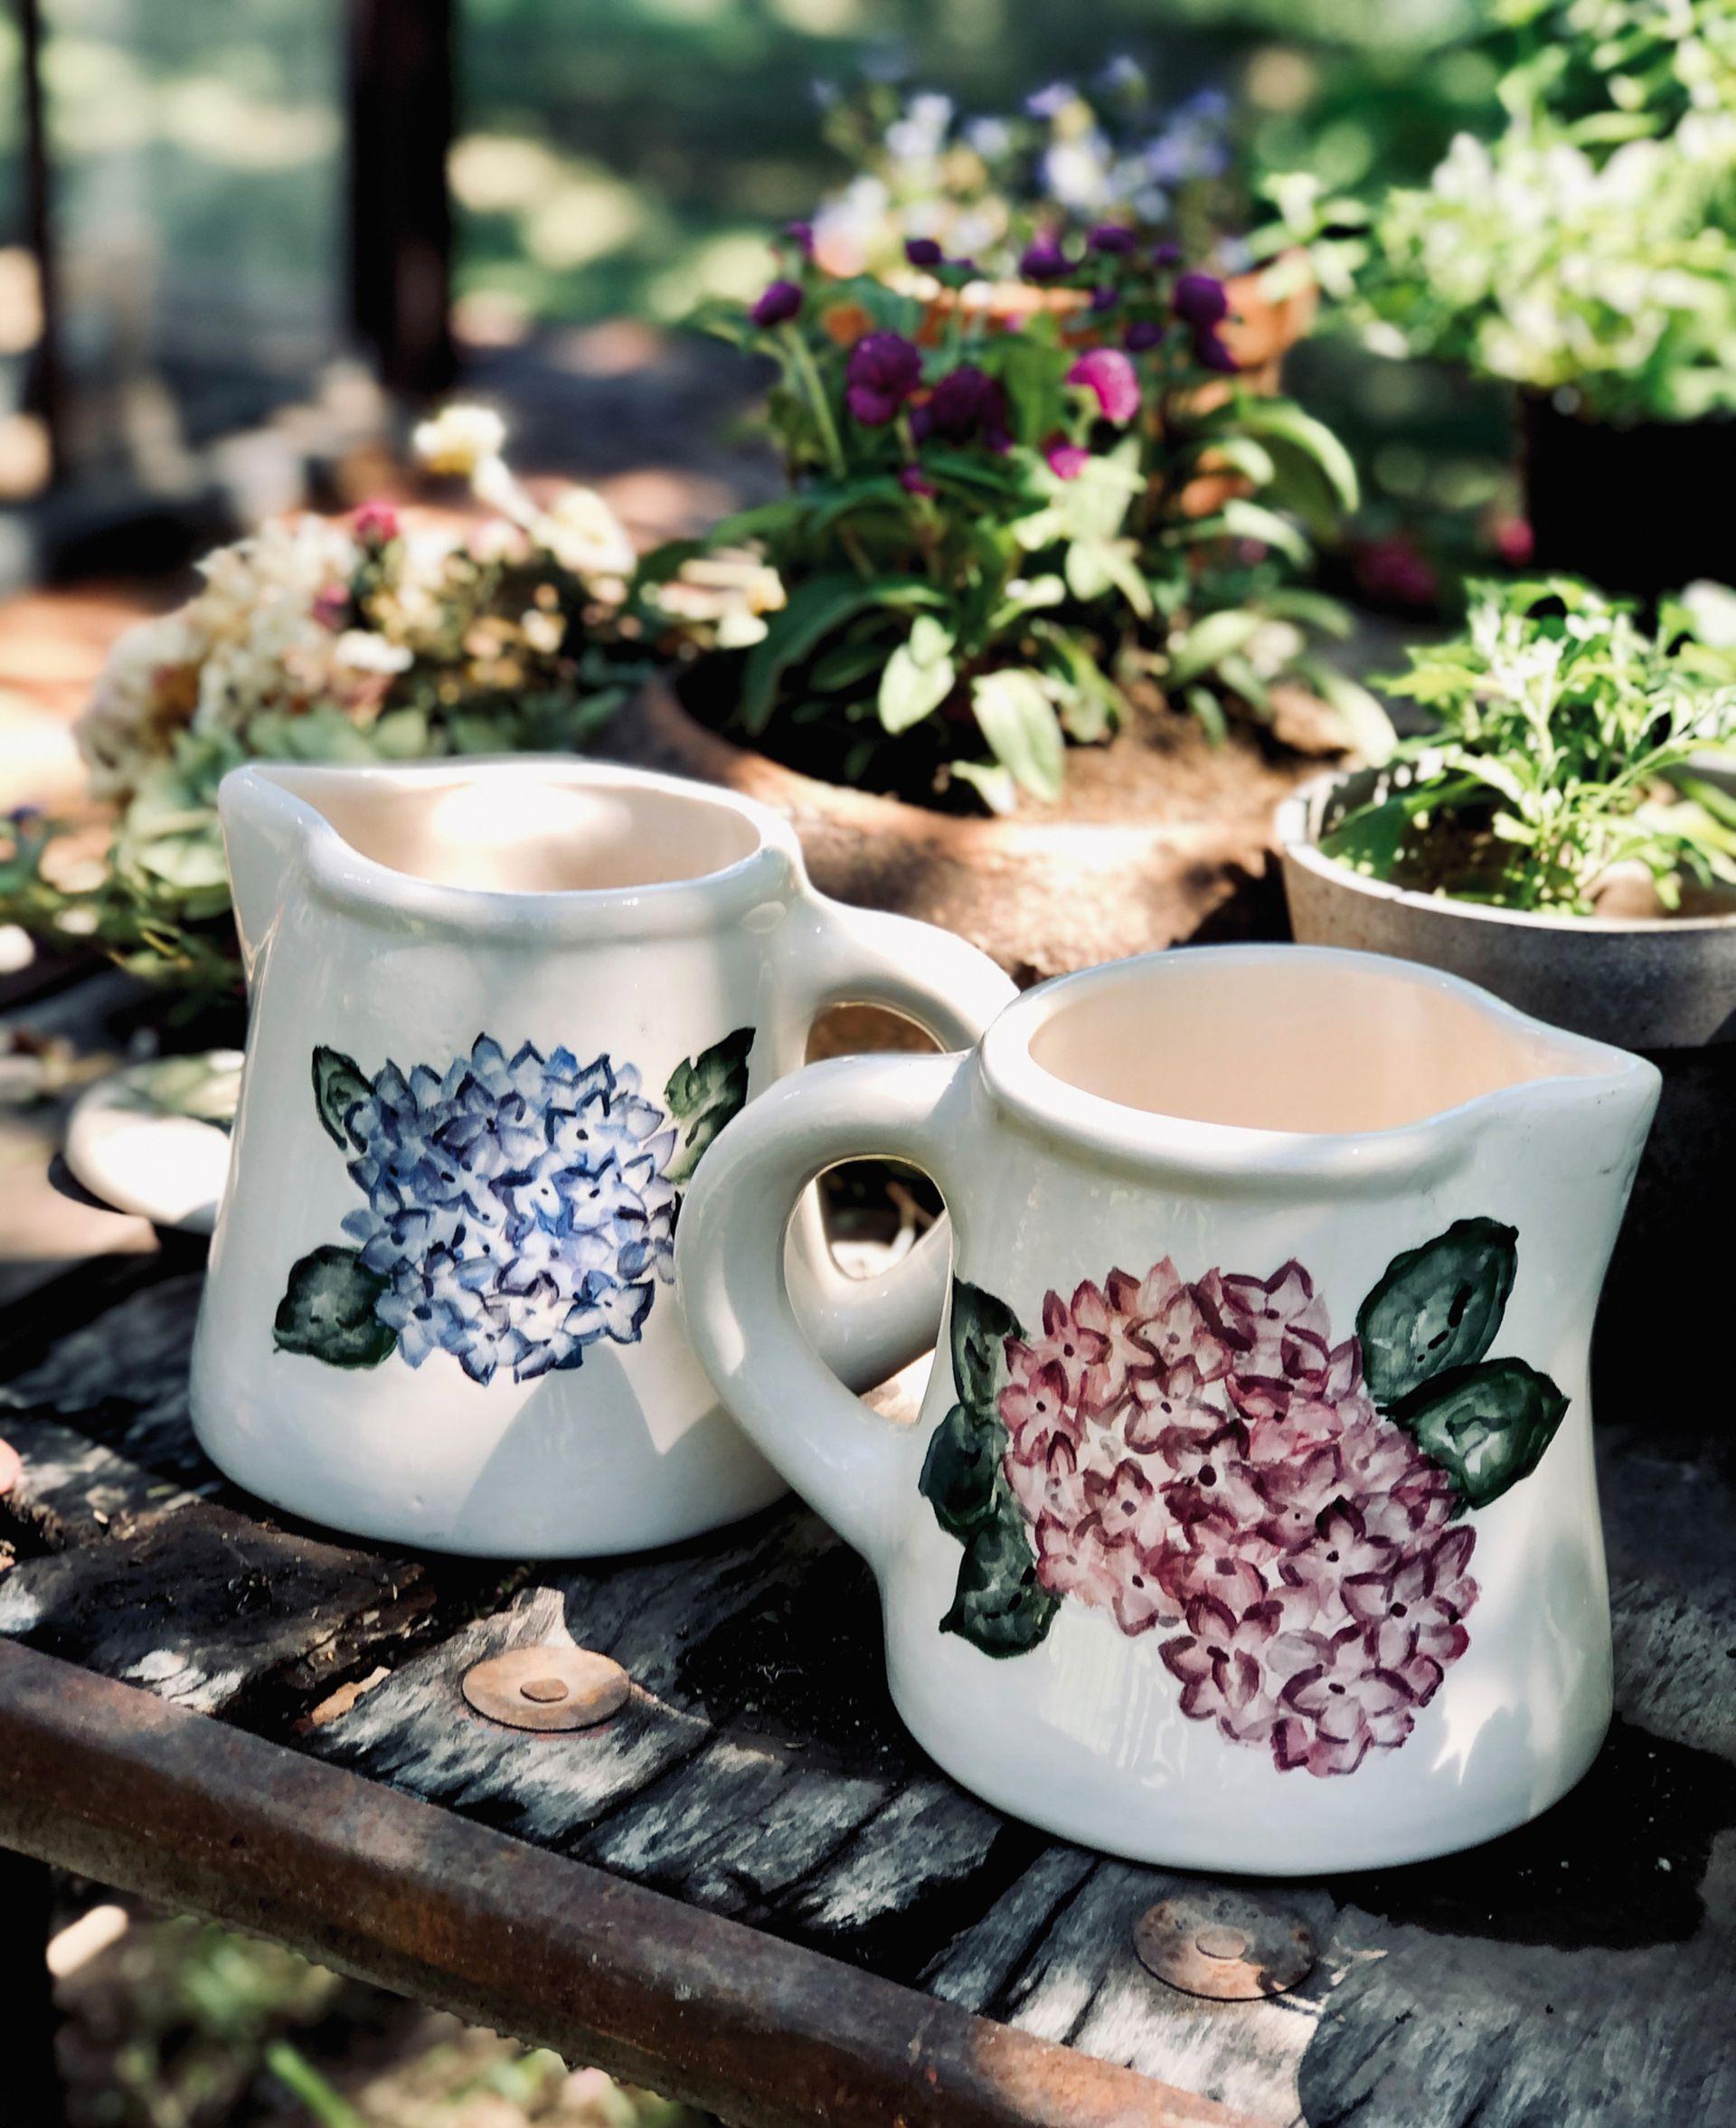 Jarras hechas en cerámica y pintadas a mano.